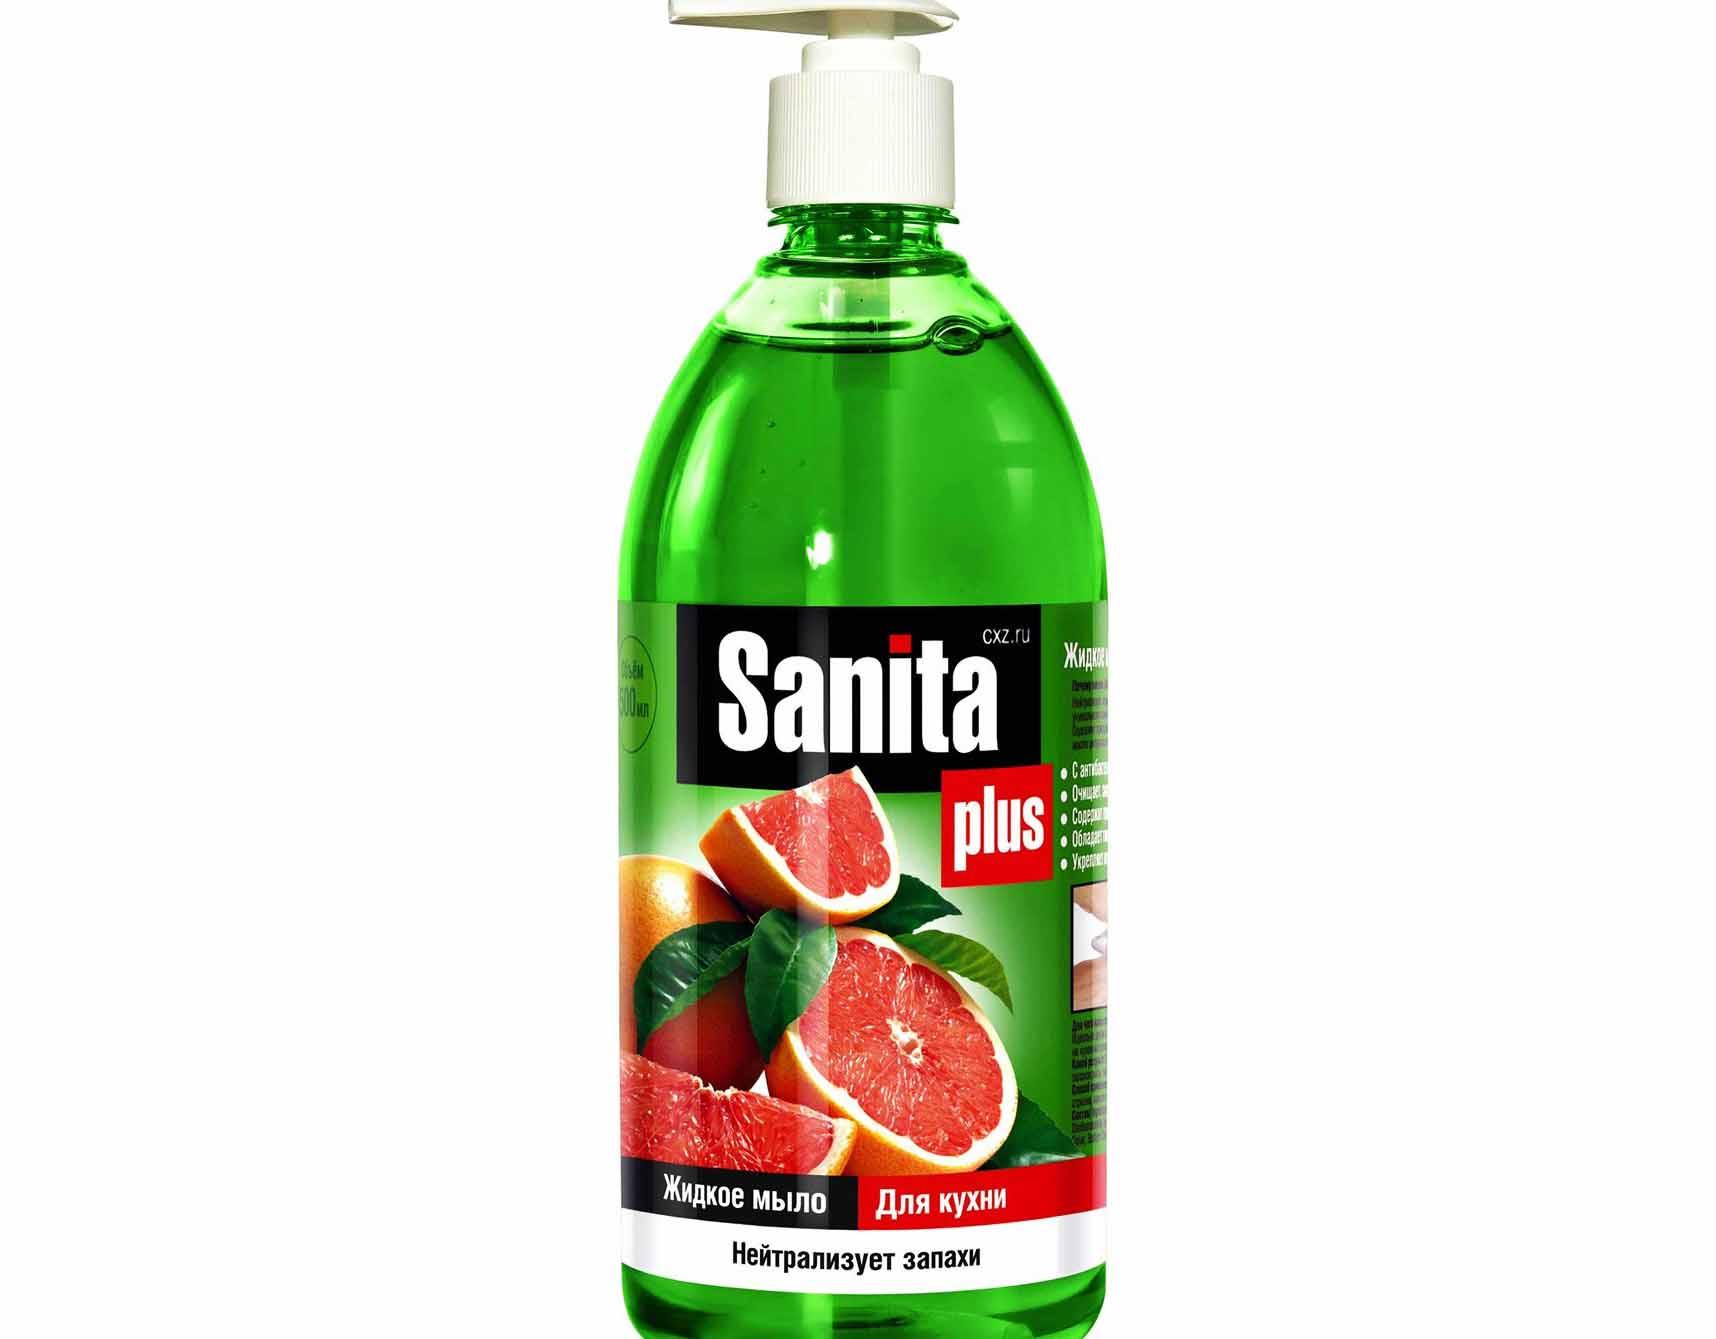 Жидкое мыло Sanita